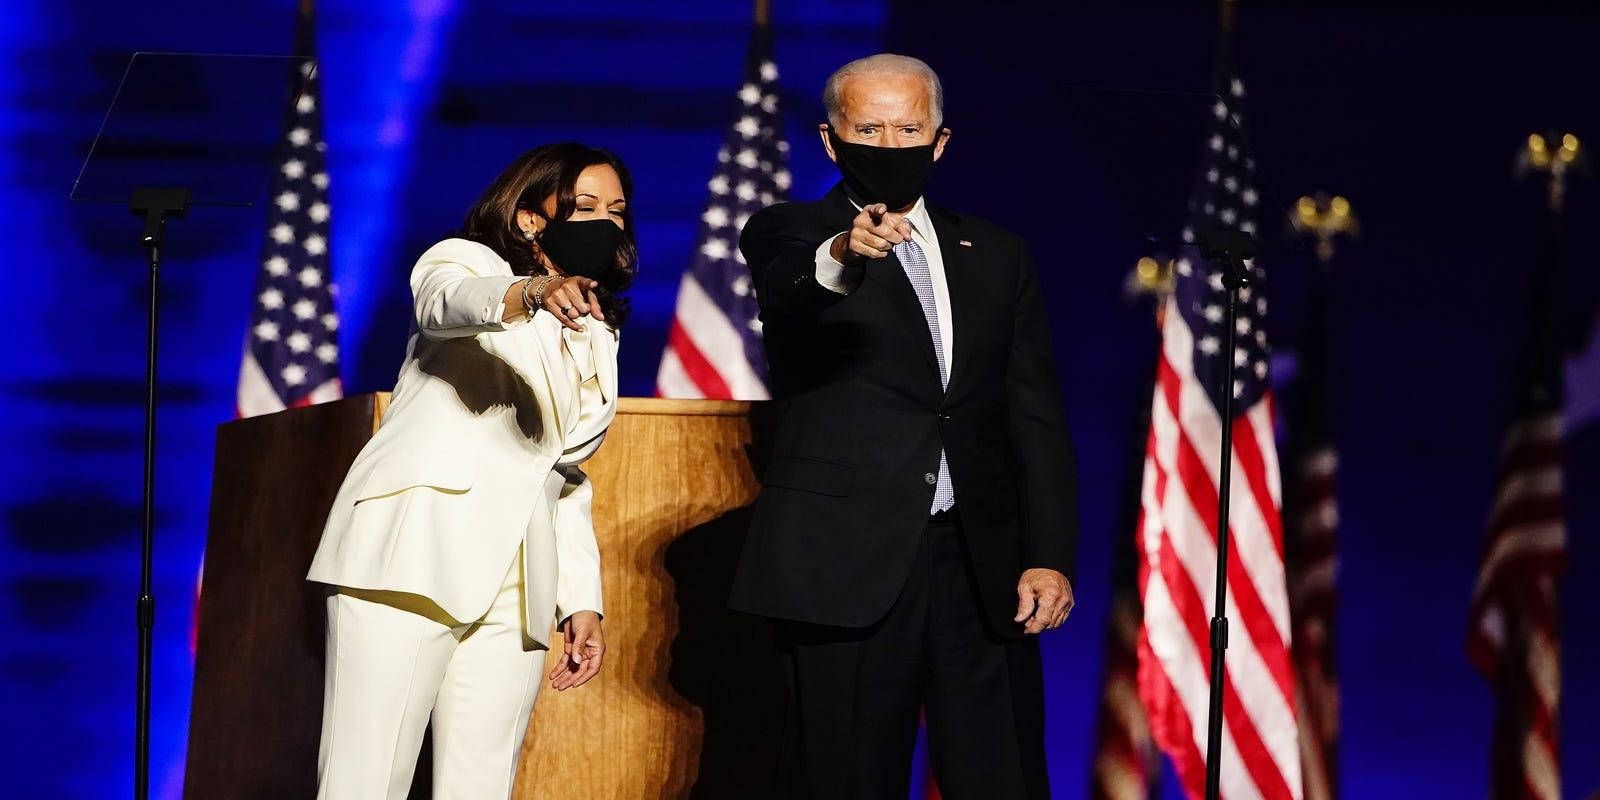 Joe Biden et Kamala Harris, respectivement les nouveaux président et vice-présidente des Etats-Unis.